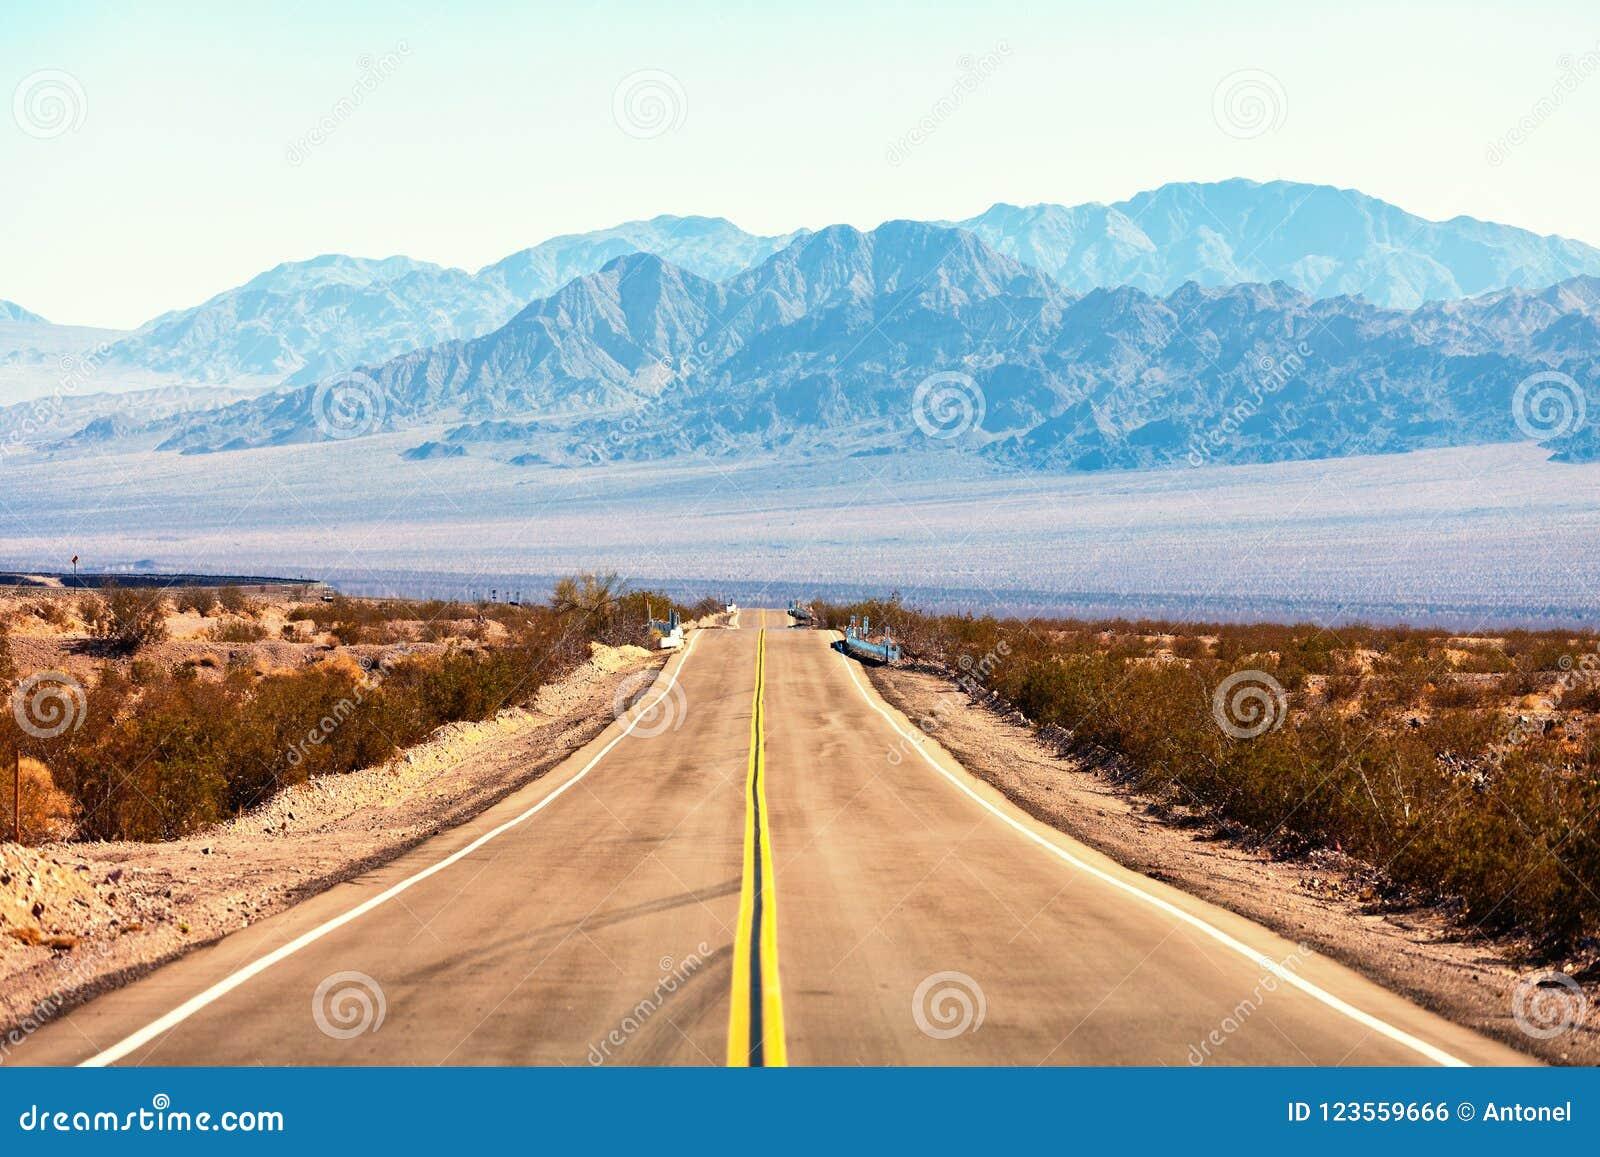 Άποψη από τη διαδρομή 66, έρημος Μοχάβε, νότια Καλιφόρνια, Ηνωμένες Πολιτείες